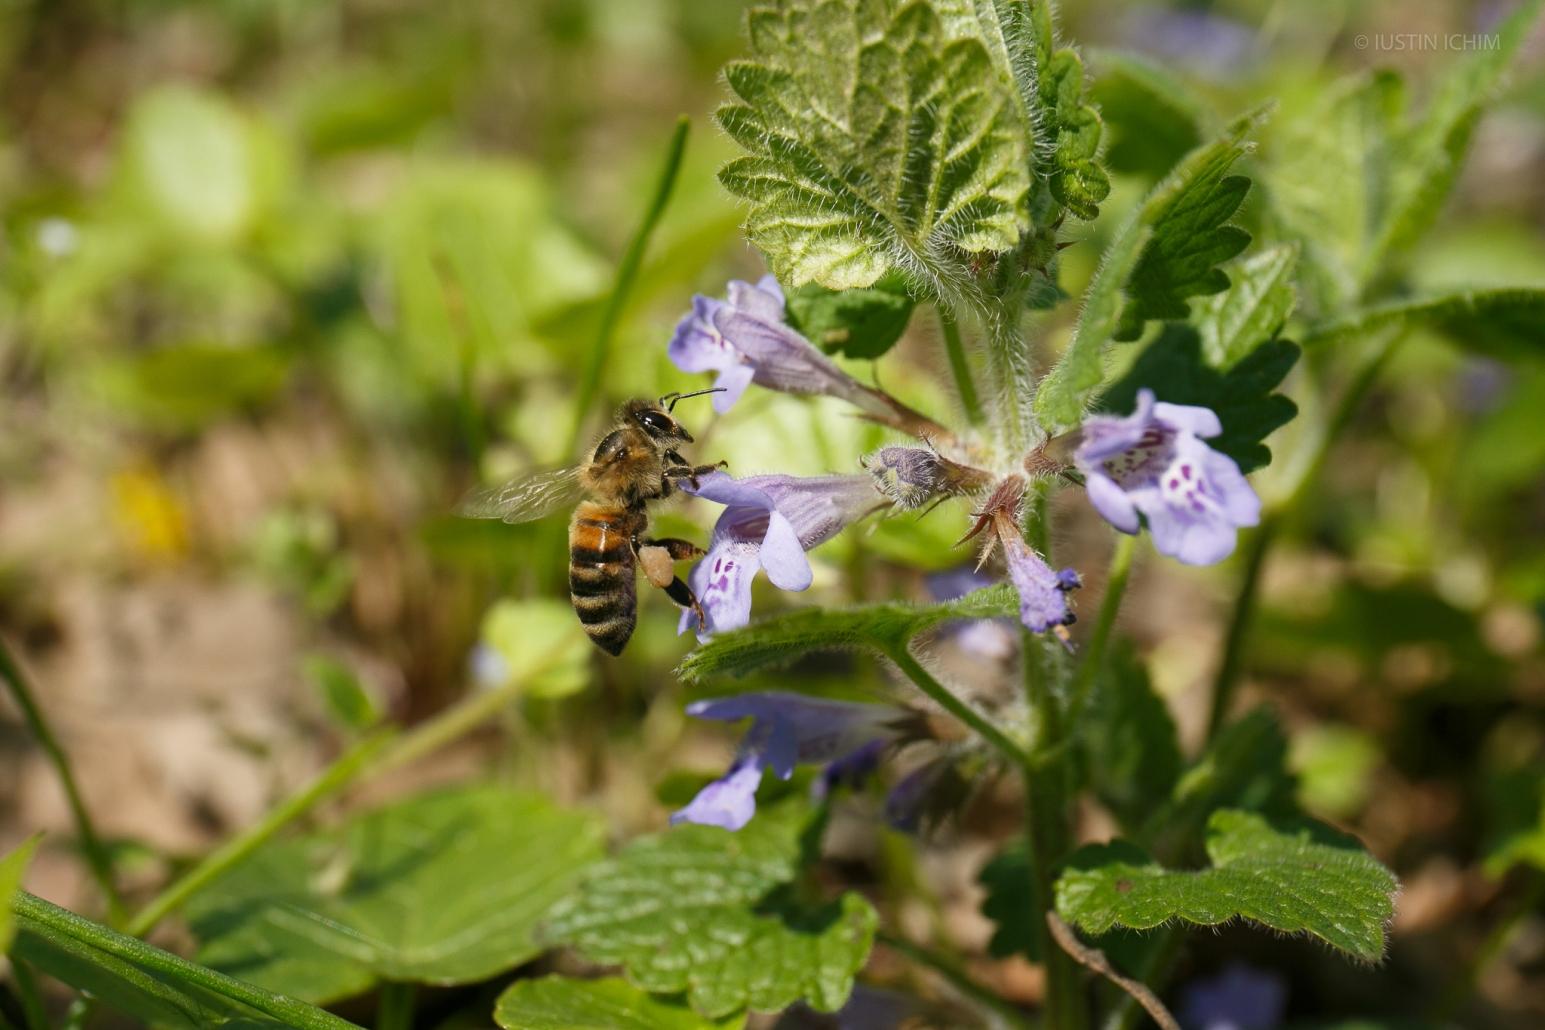 Albină culegând polen